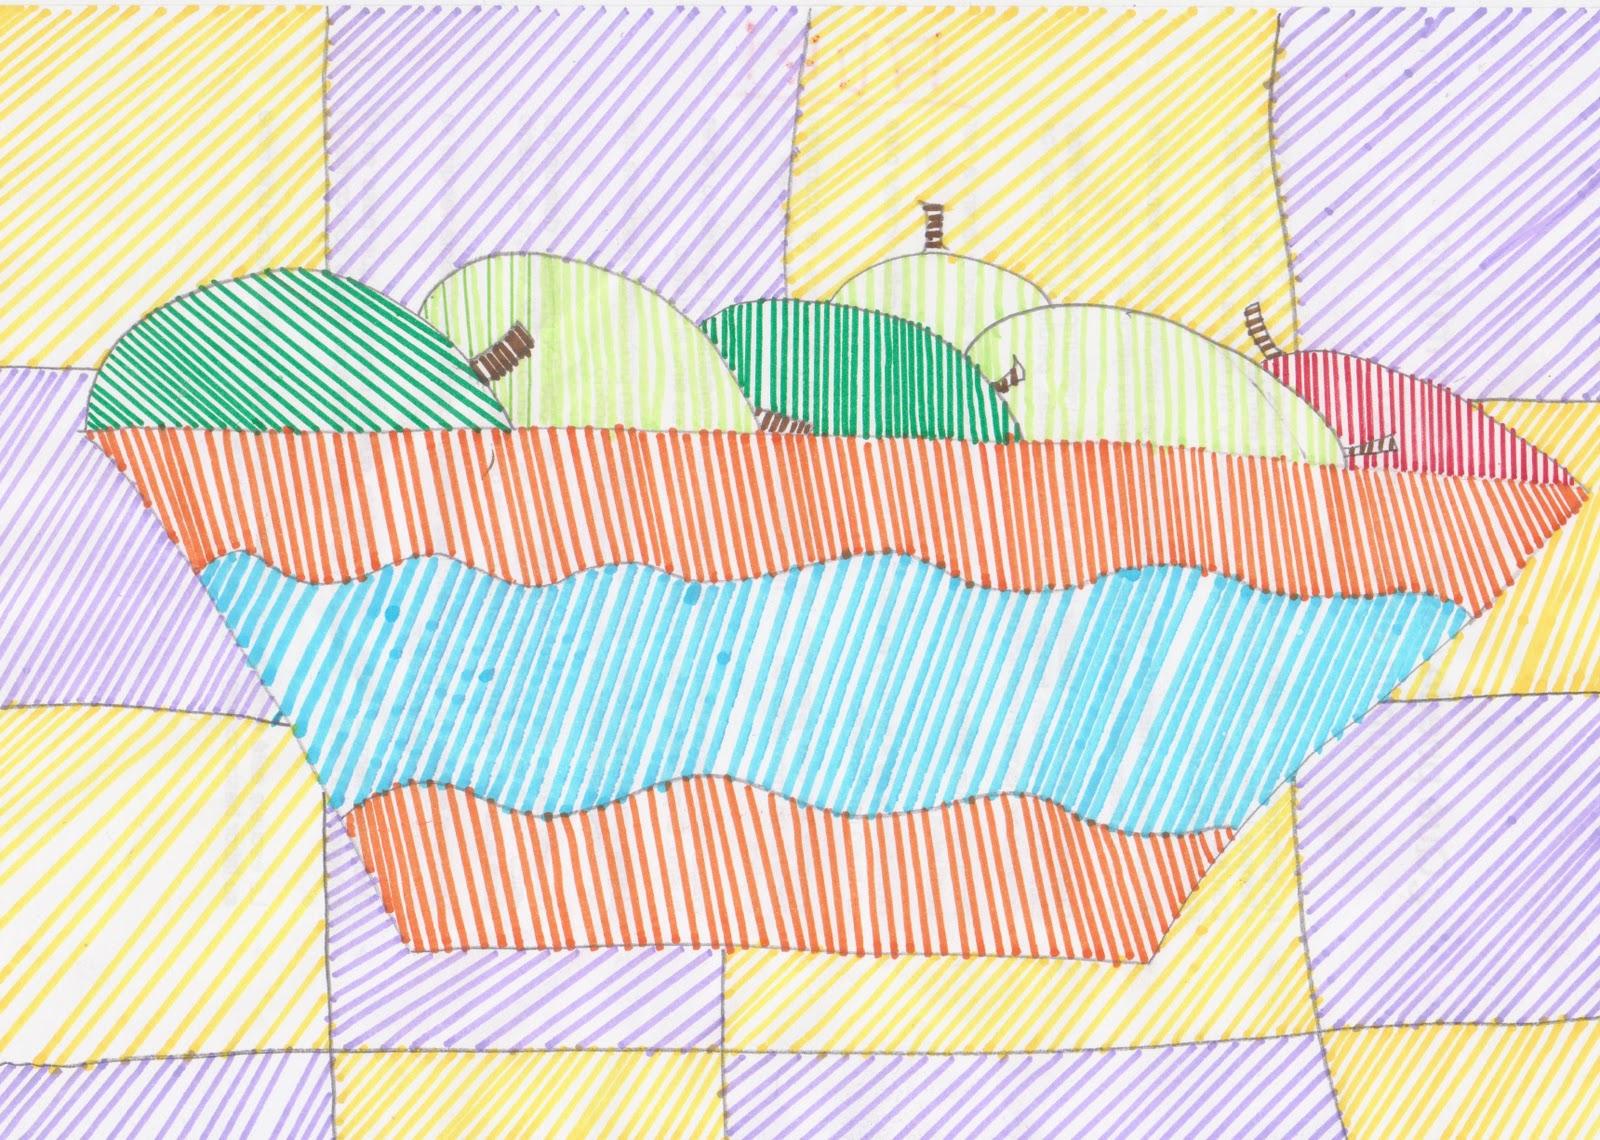 Imagen de un arce rayado